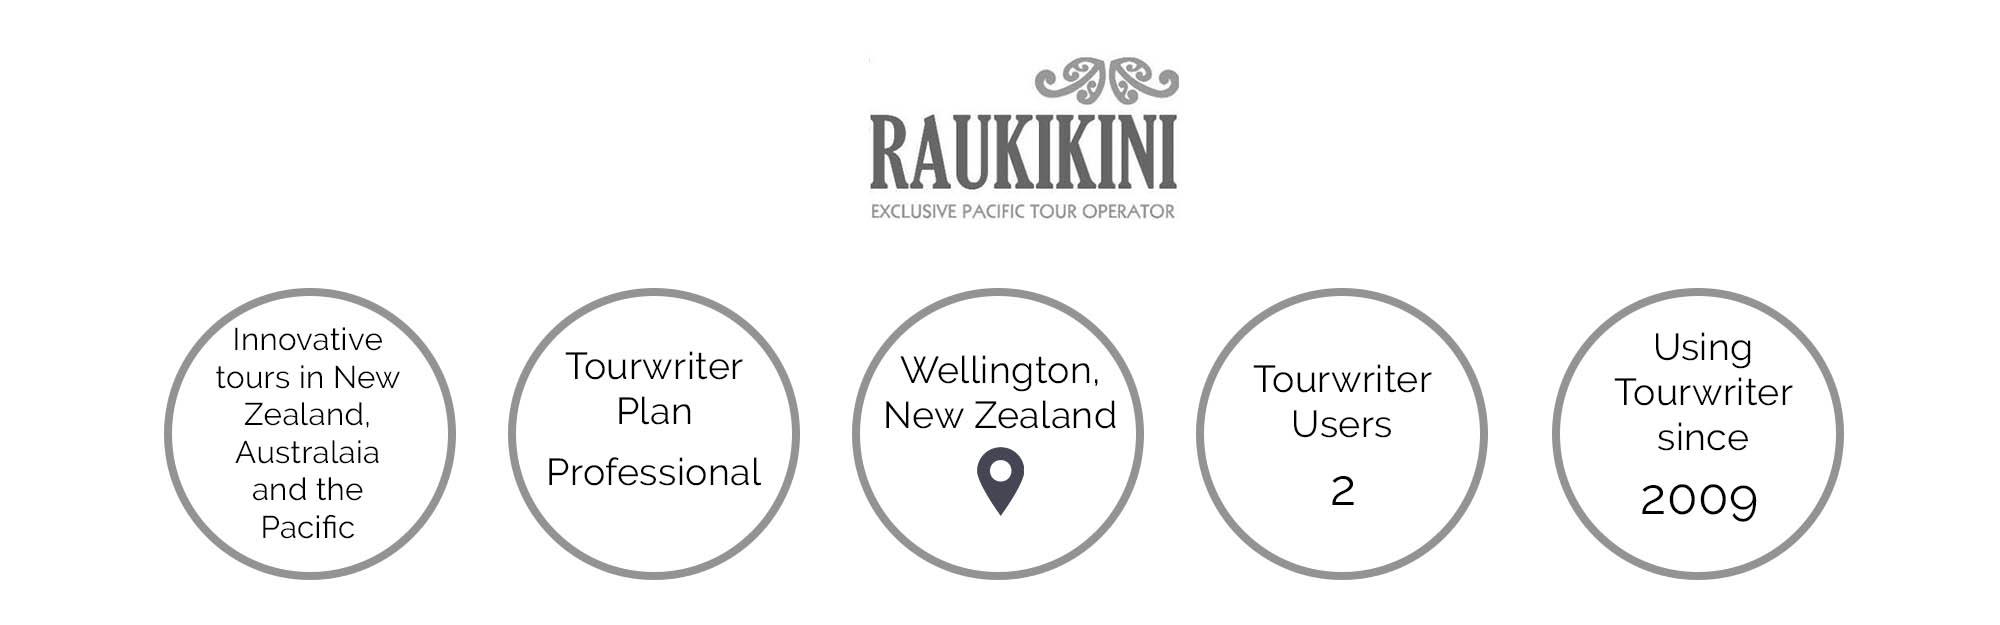 Raukikini tour operator